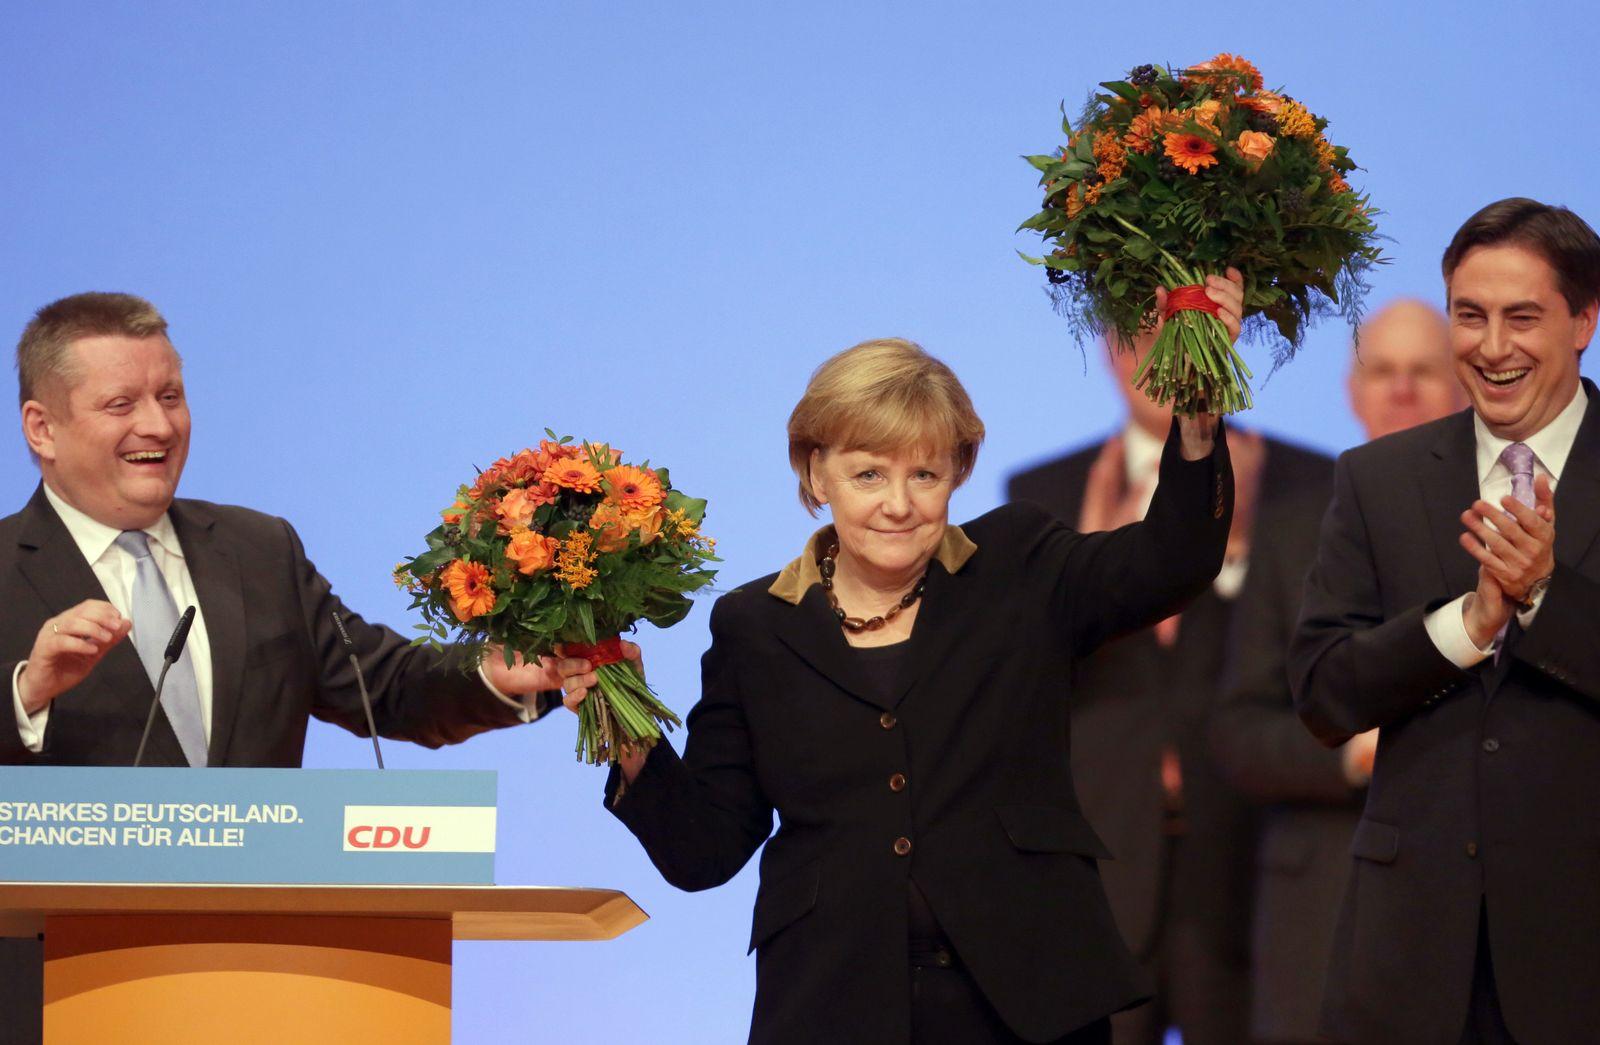 CDU Bundesparteitag/ Merkel